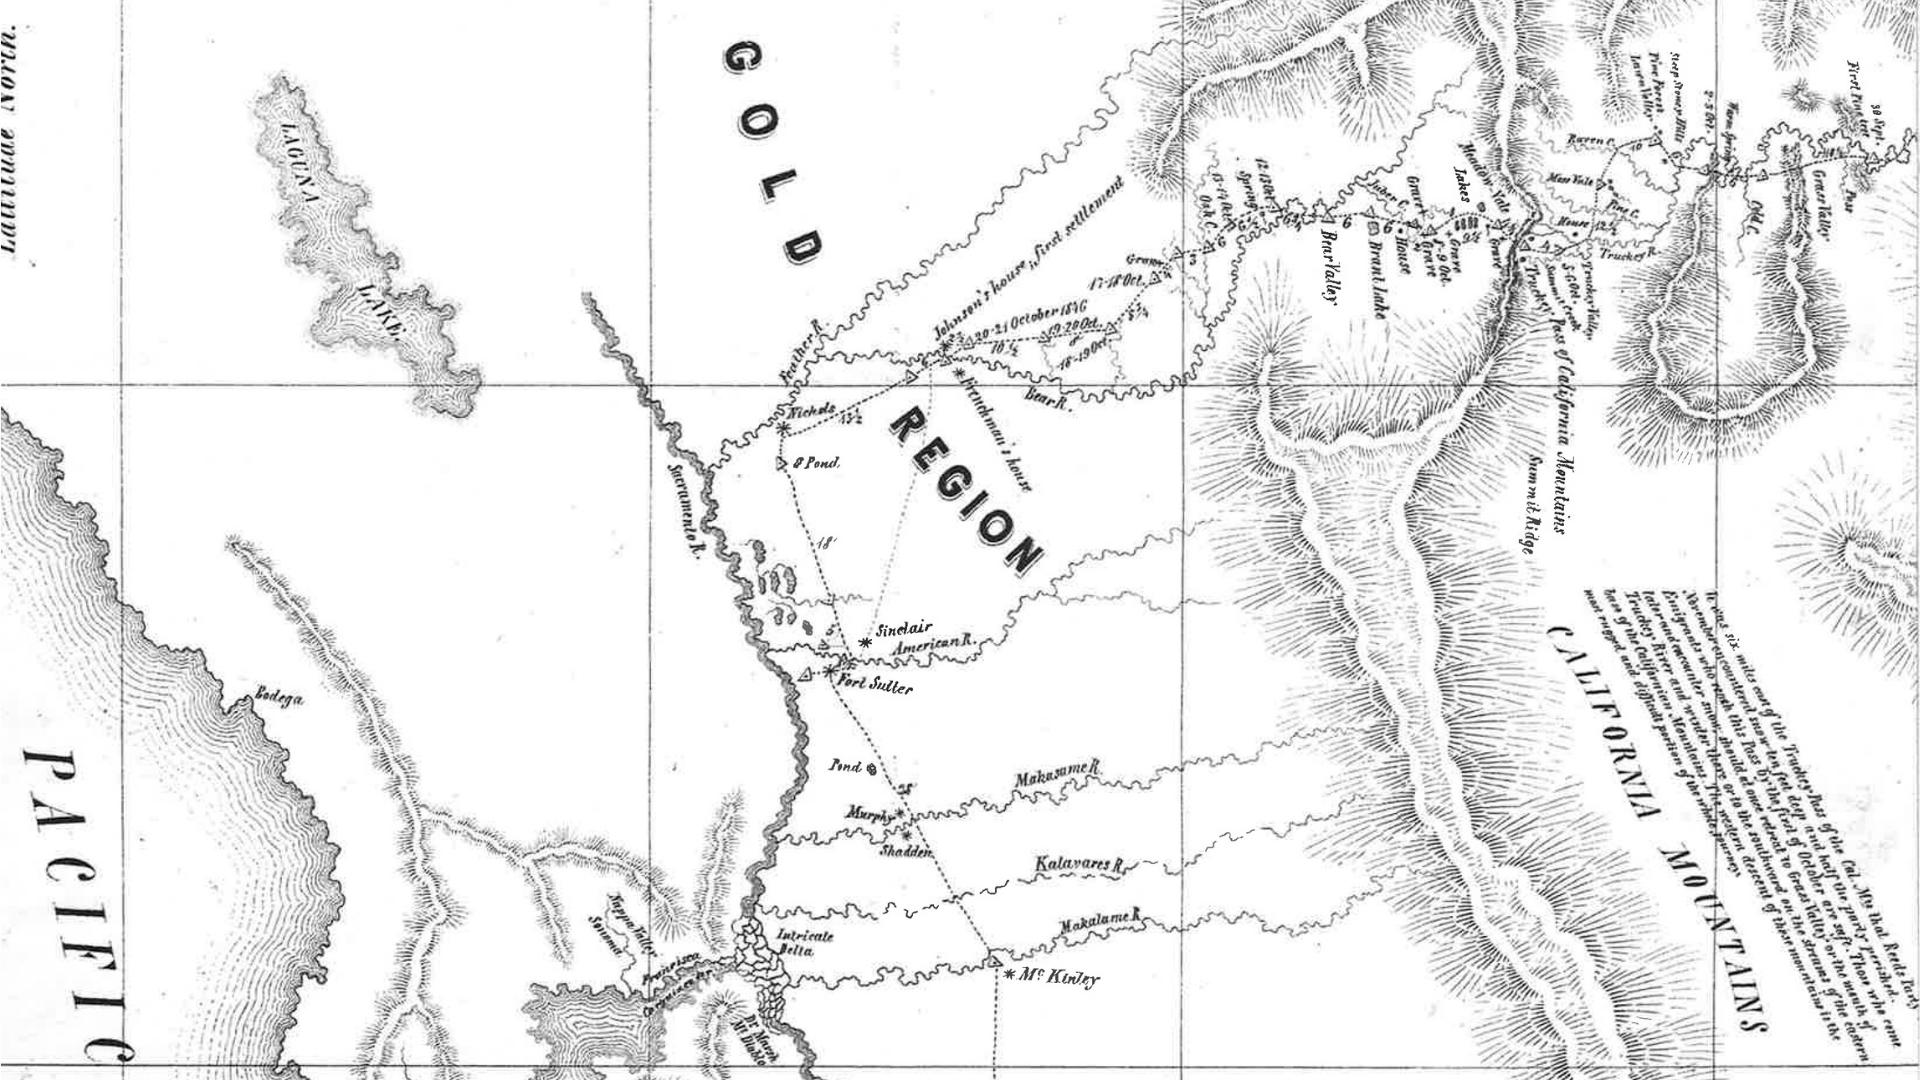 Kleine Quellenkritik zu ÜG#1: Die Emigrant Road ins Goldland